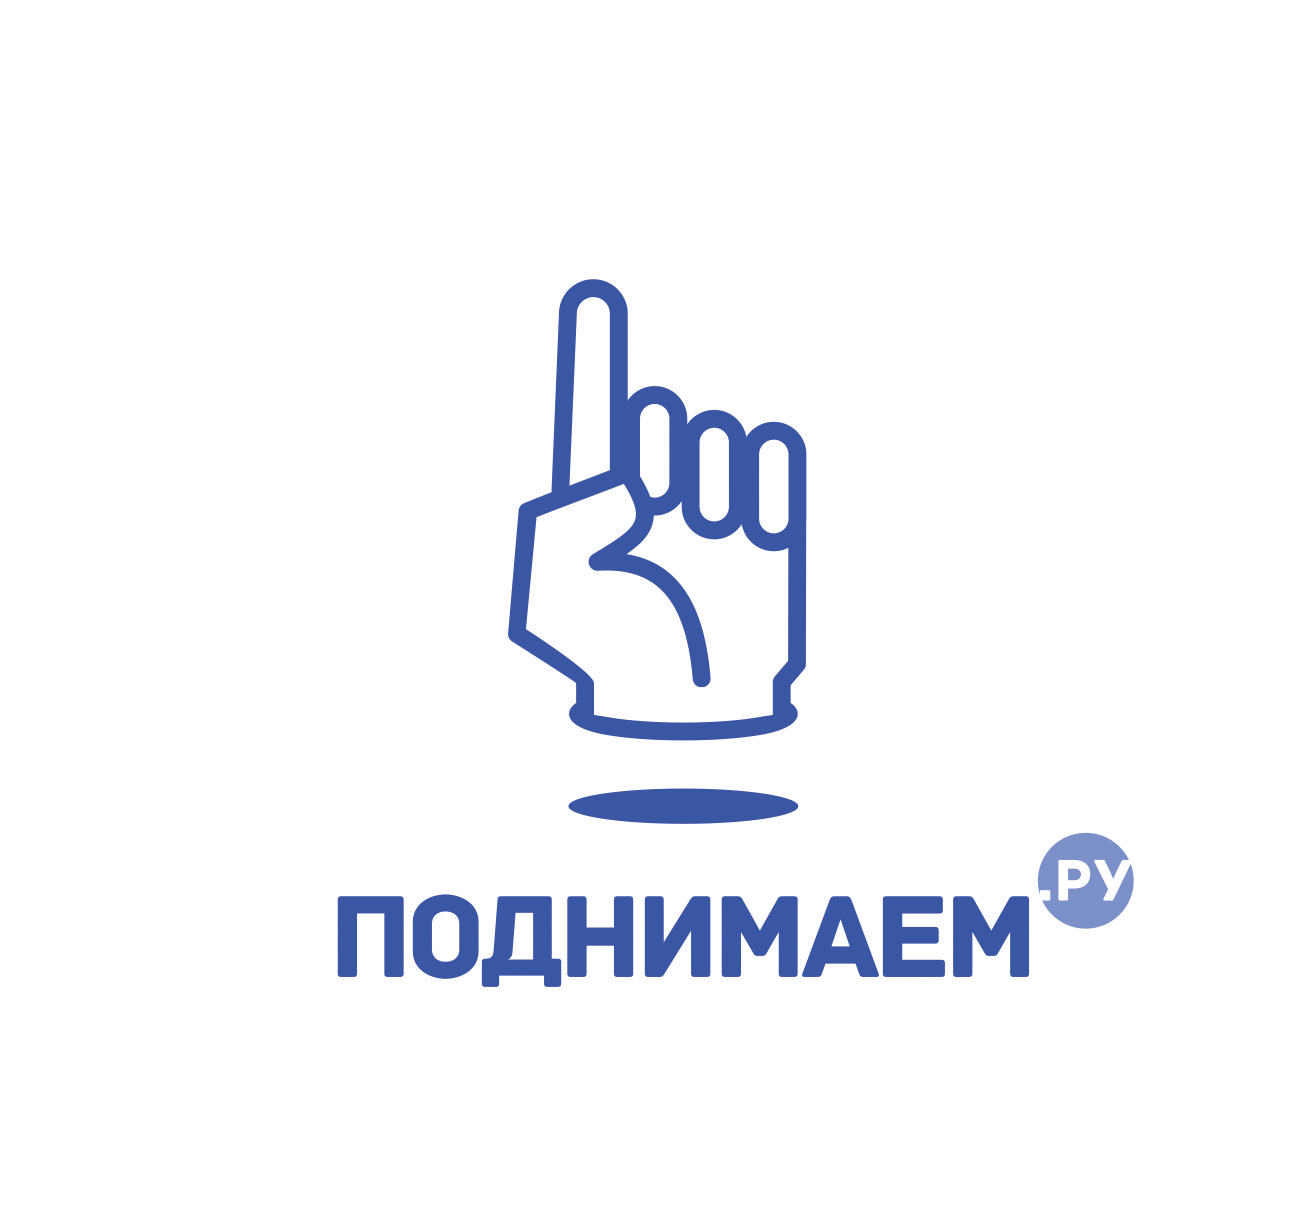 Разработать логотип + визитку + логотип для печати ООО +++ фото f_38455472f87a2ae0.jpg